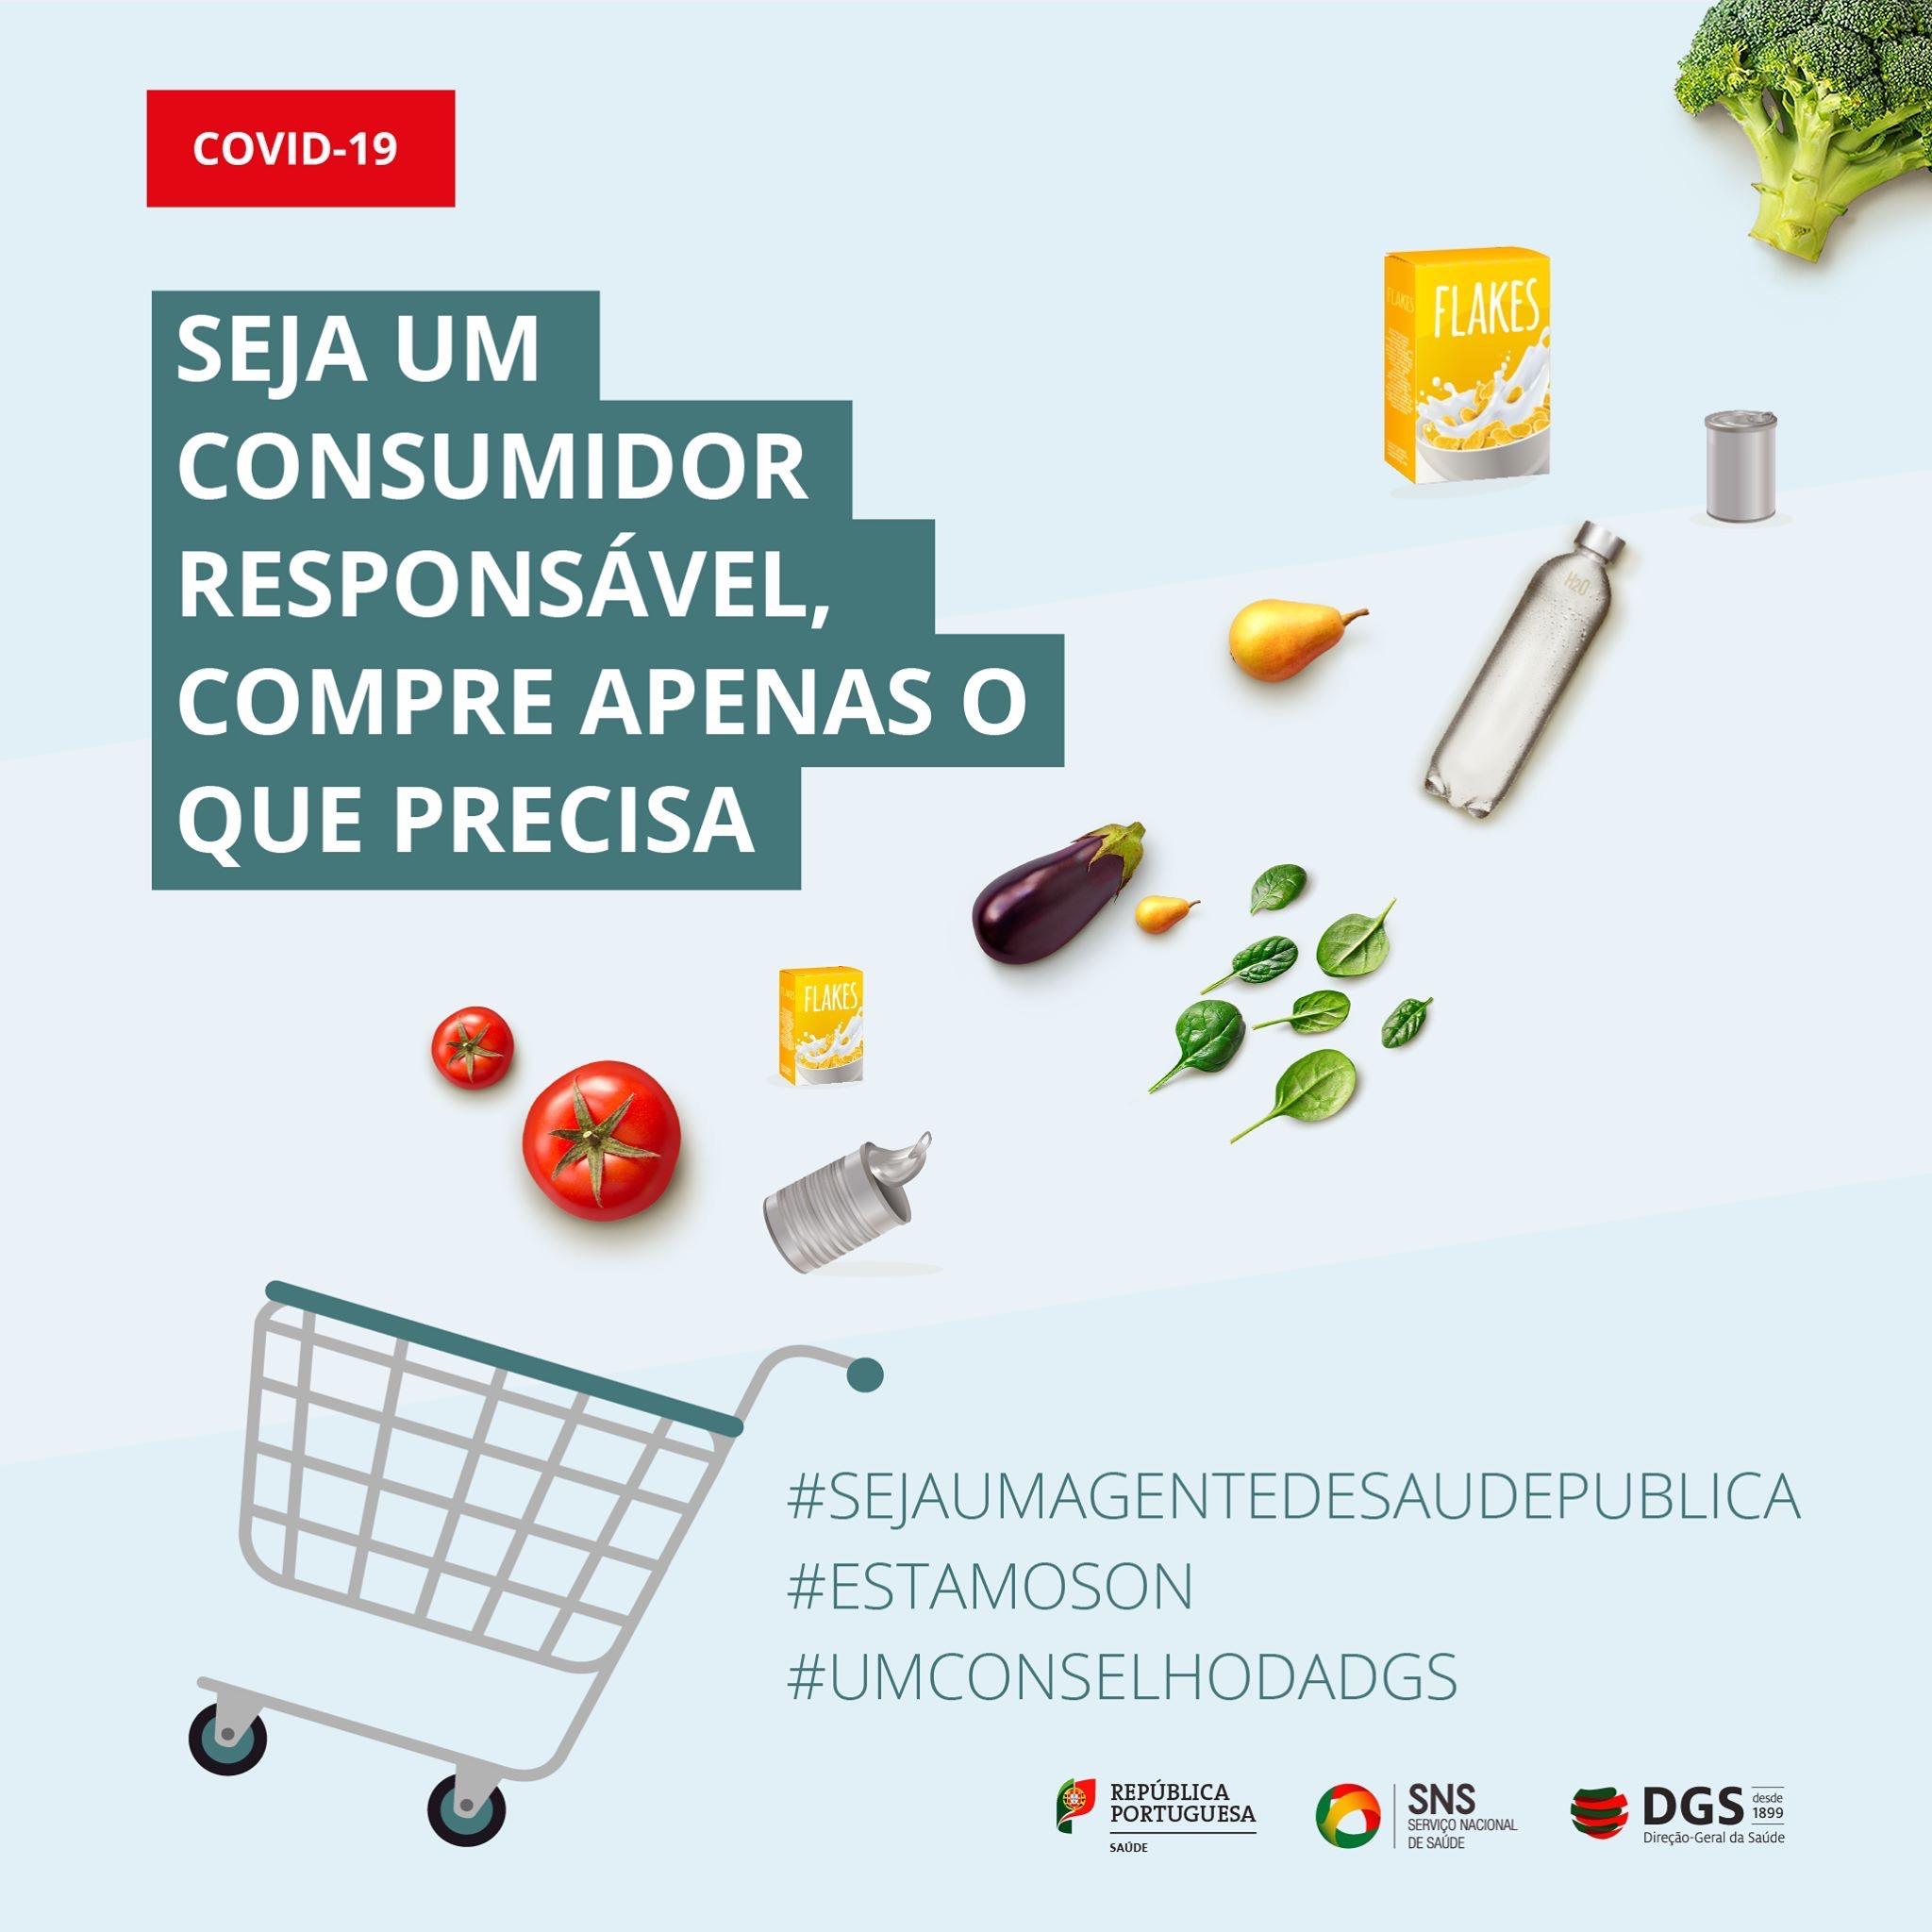 Seja um consumidor responsável, compre apenas o que precisa